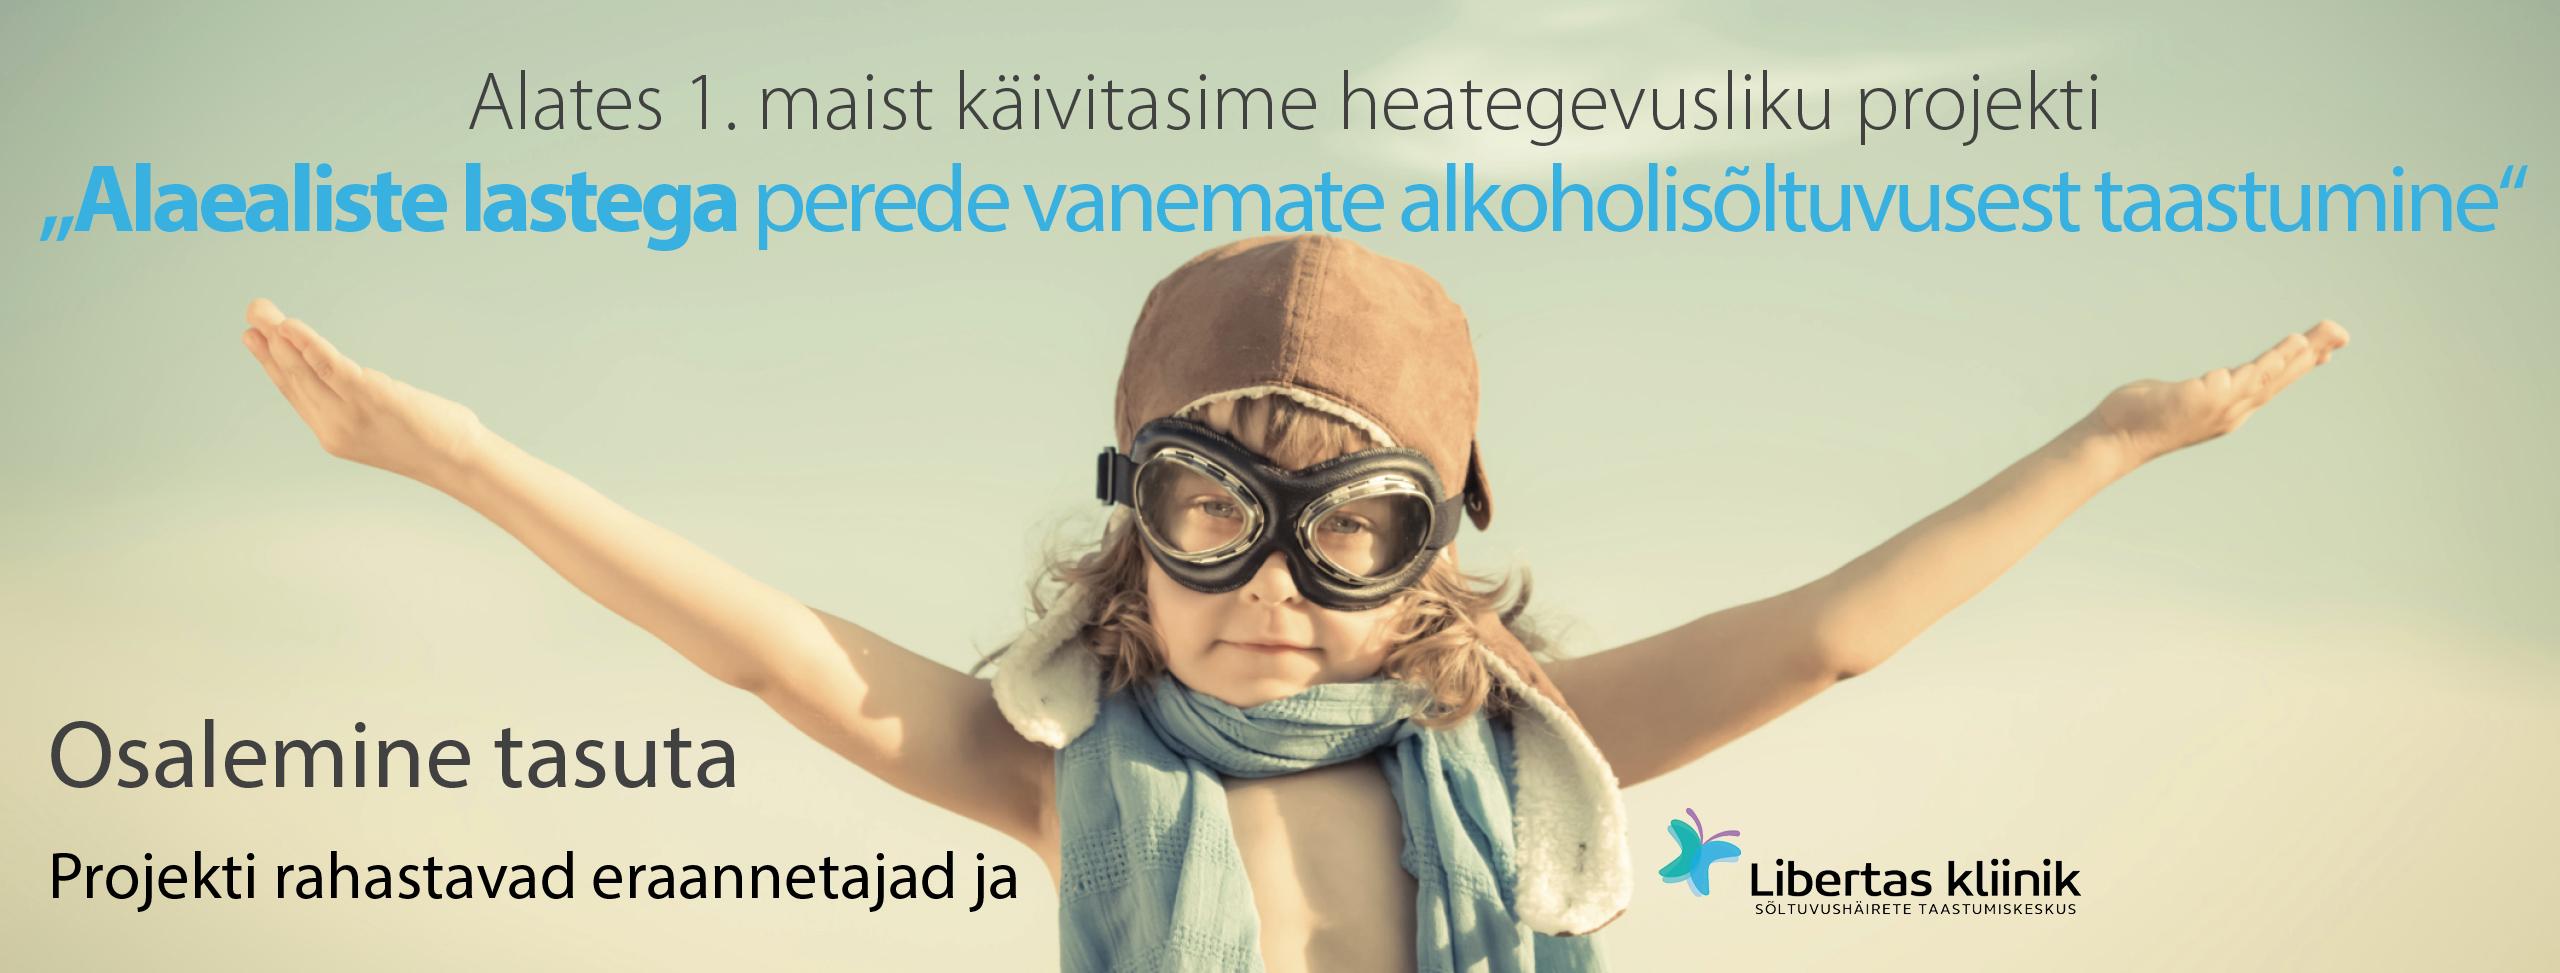 Alaealiste lastega perede vanemate alkoholisõltuvusest taastumine